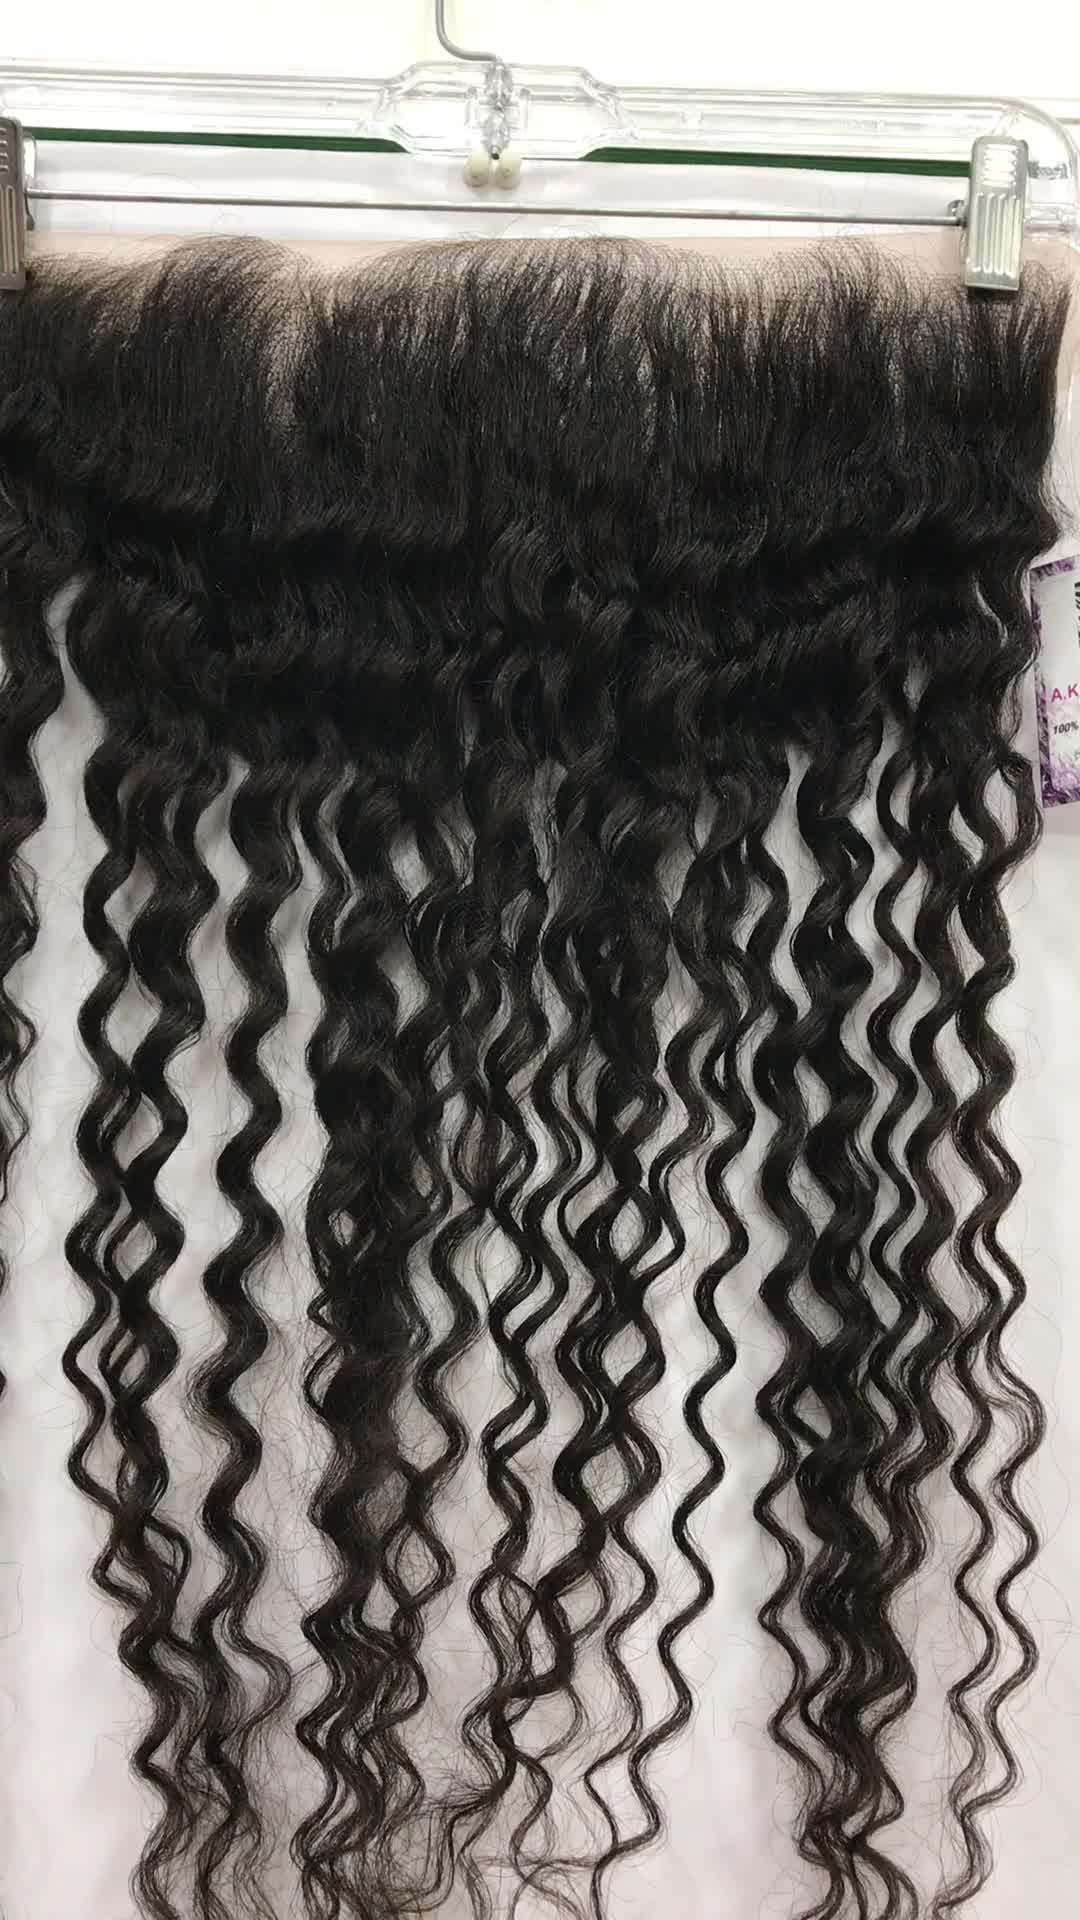 Indian Human Hair Raw Temple Virgin hair Supplier